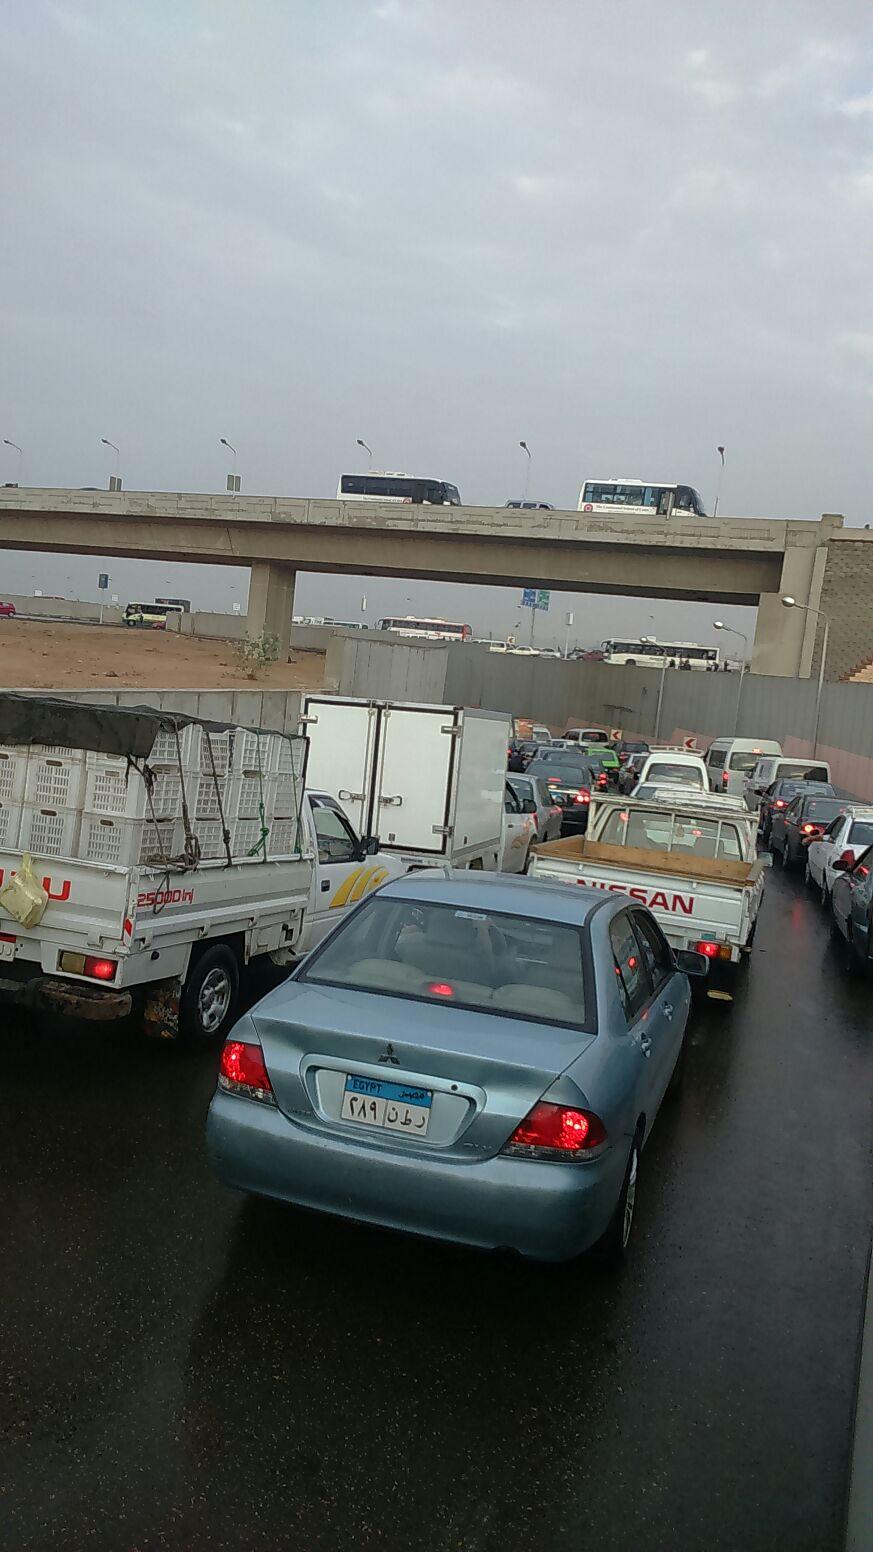 بالصور.. القاهرة «باركينج كبير».. المطر يشُل المرور على طرق ومحاور رئيسية بالعاصمة